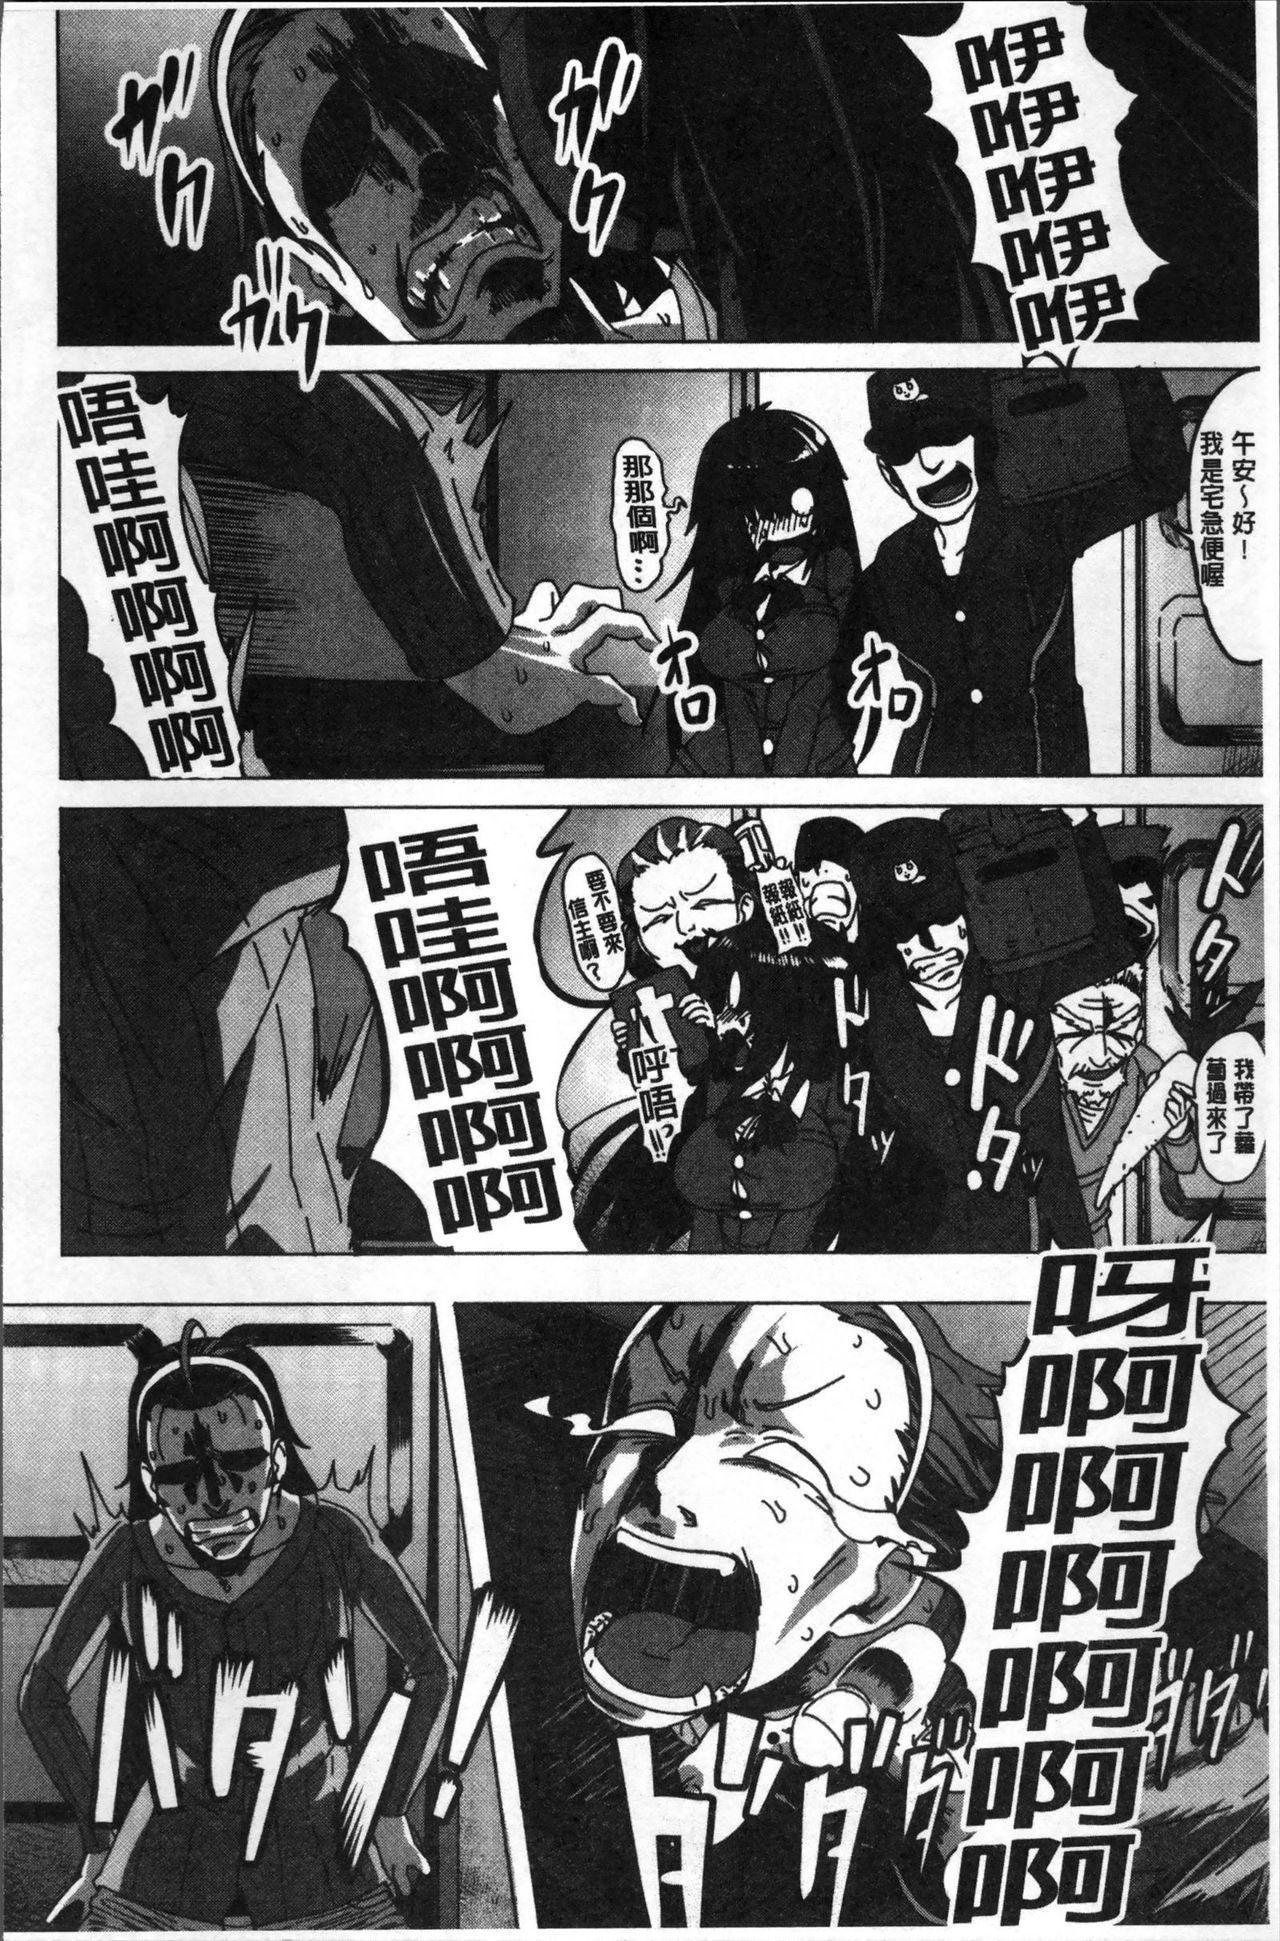 Nee,... Shiyo 202